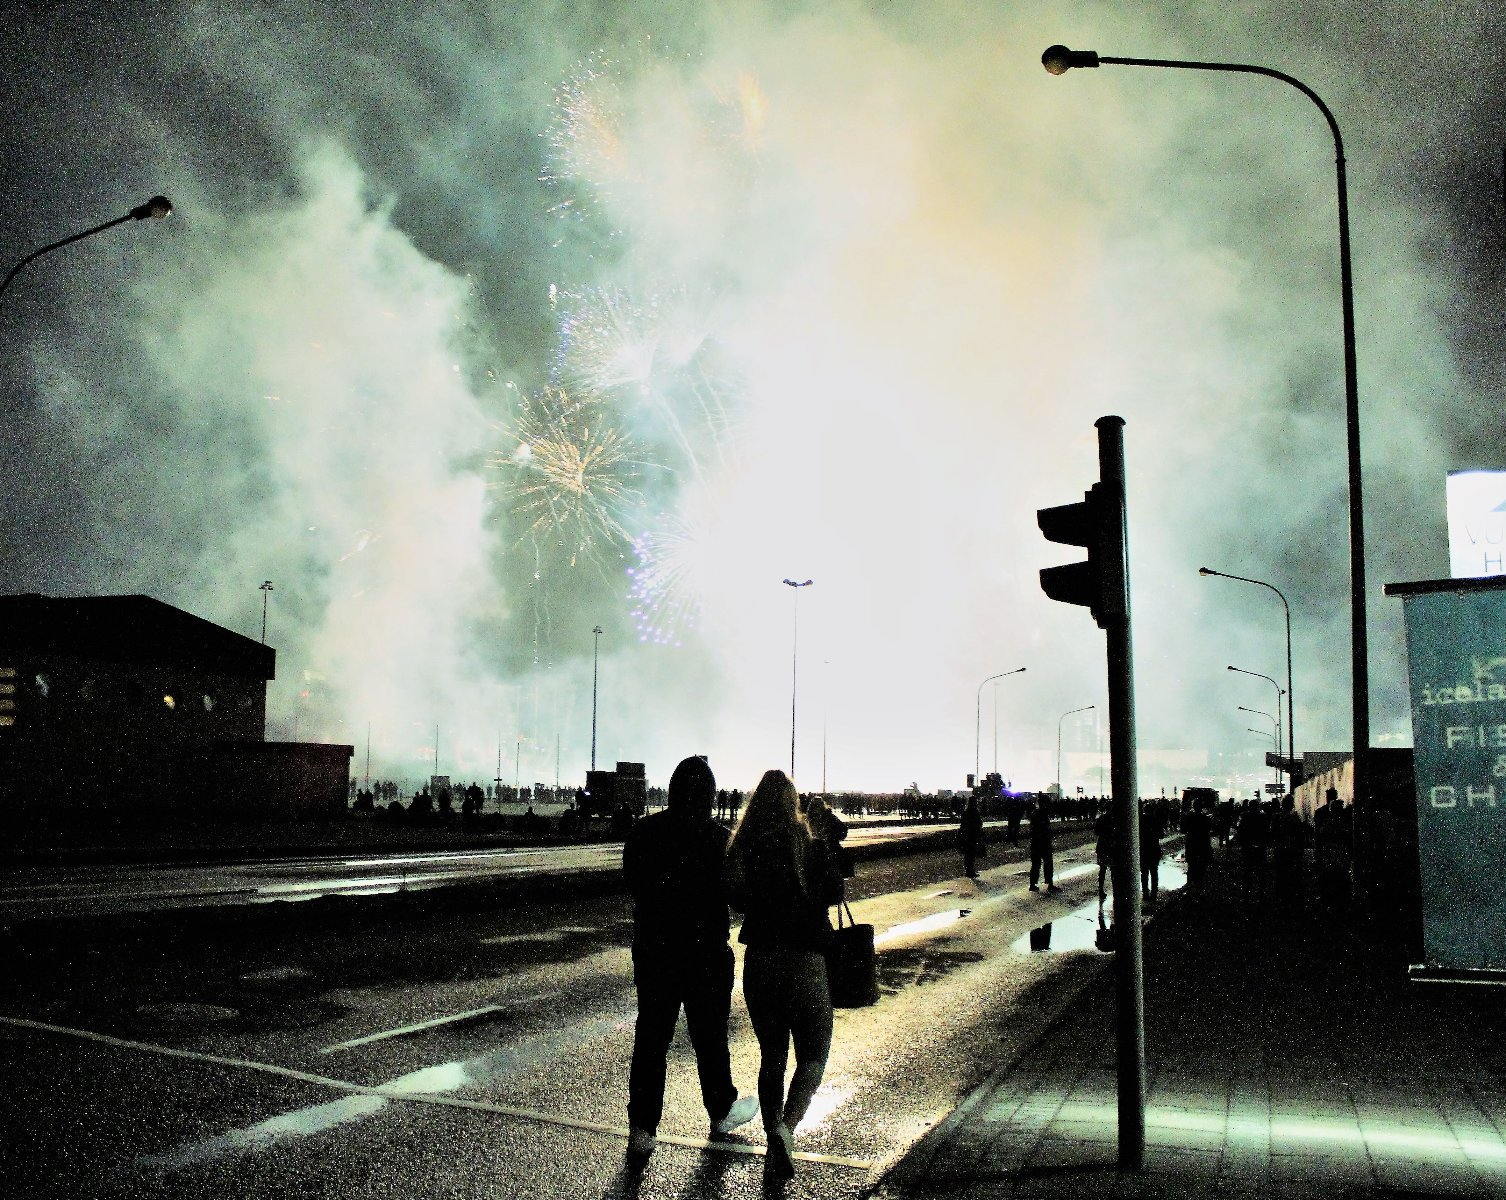 праздник ночь кульутры в Рейкьявике, фото Стасмир, photo Stasmir